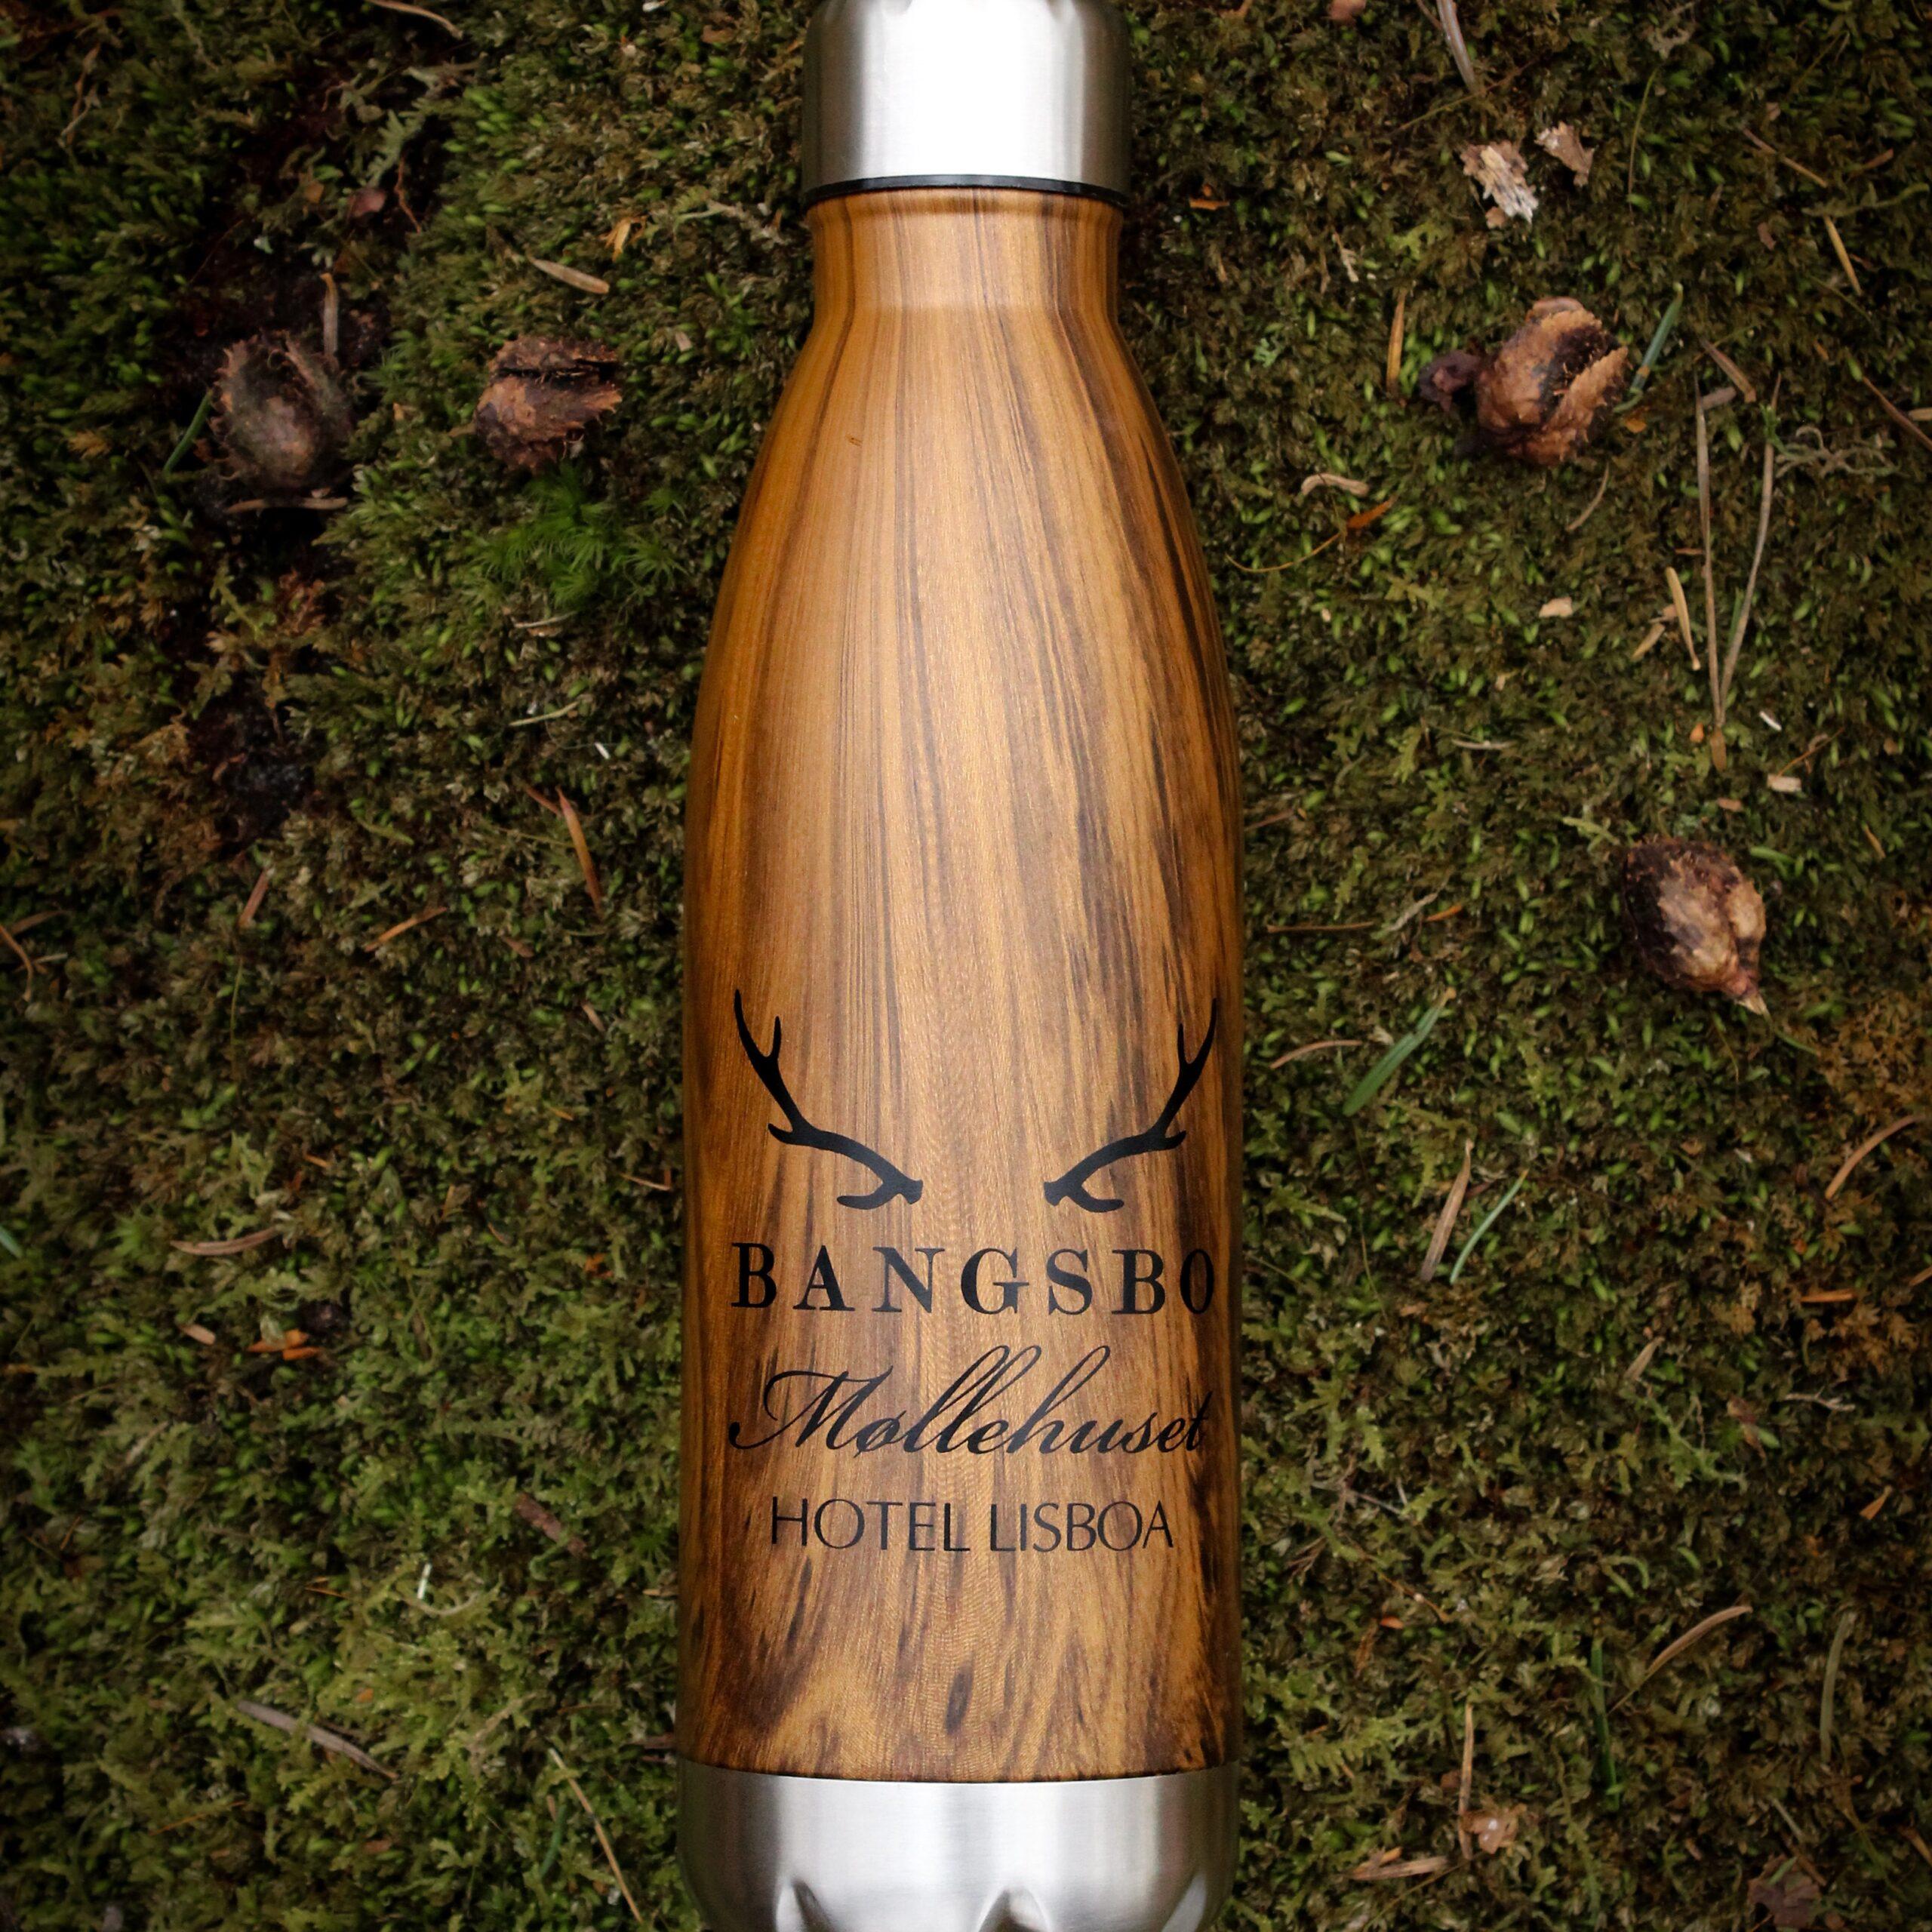 restaurant møllehuset hotel lisboa outdoor produkter bangsbo termoflaske